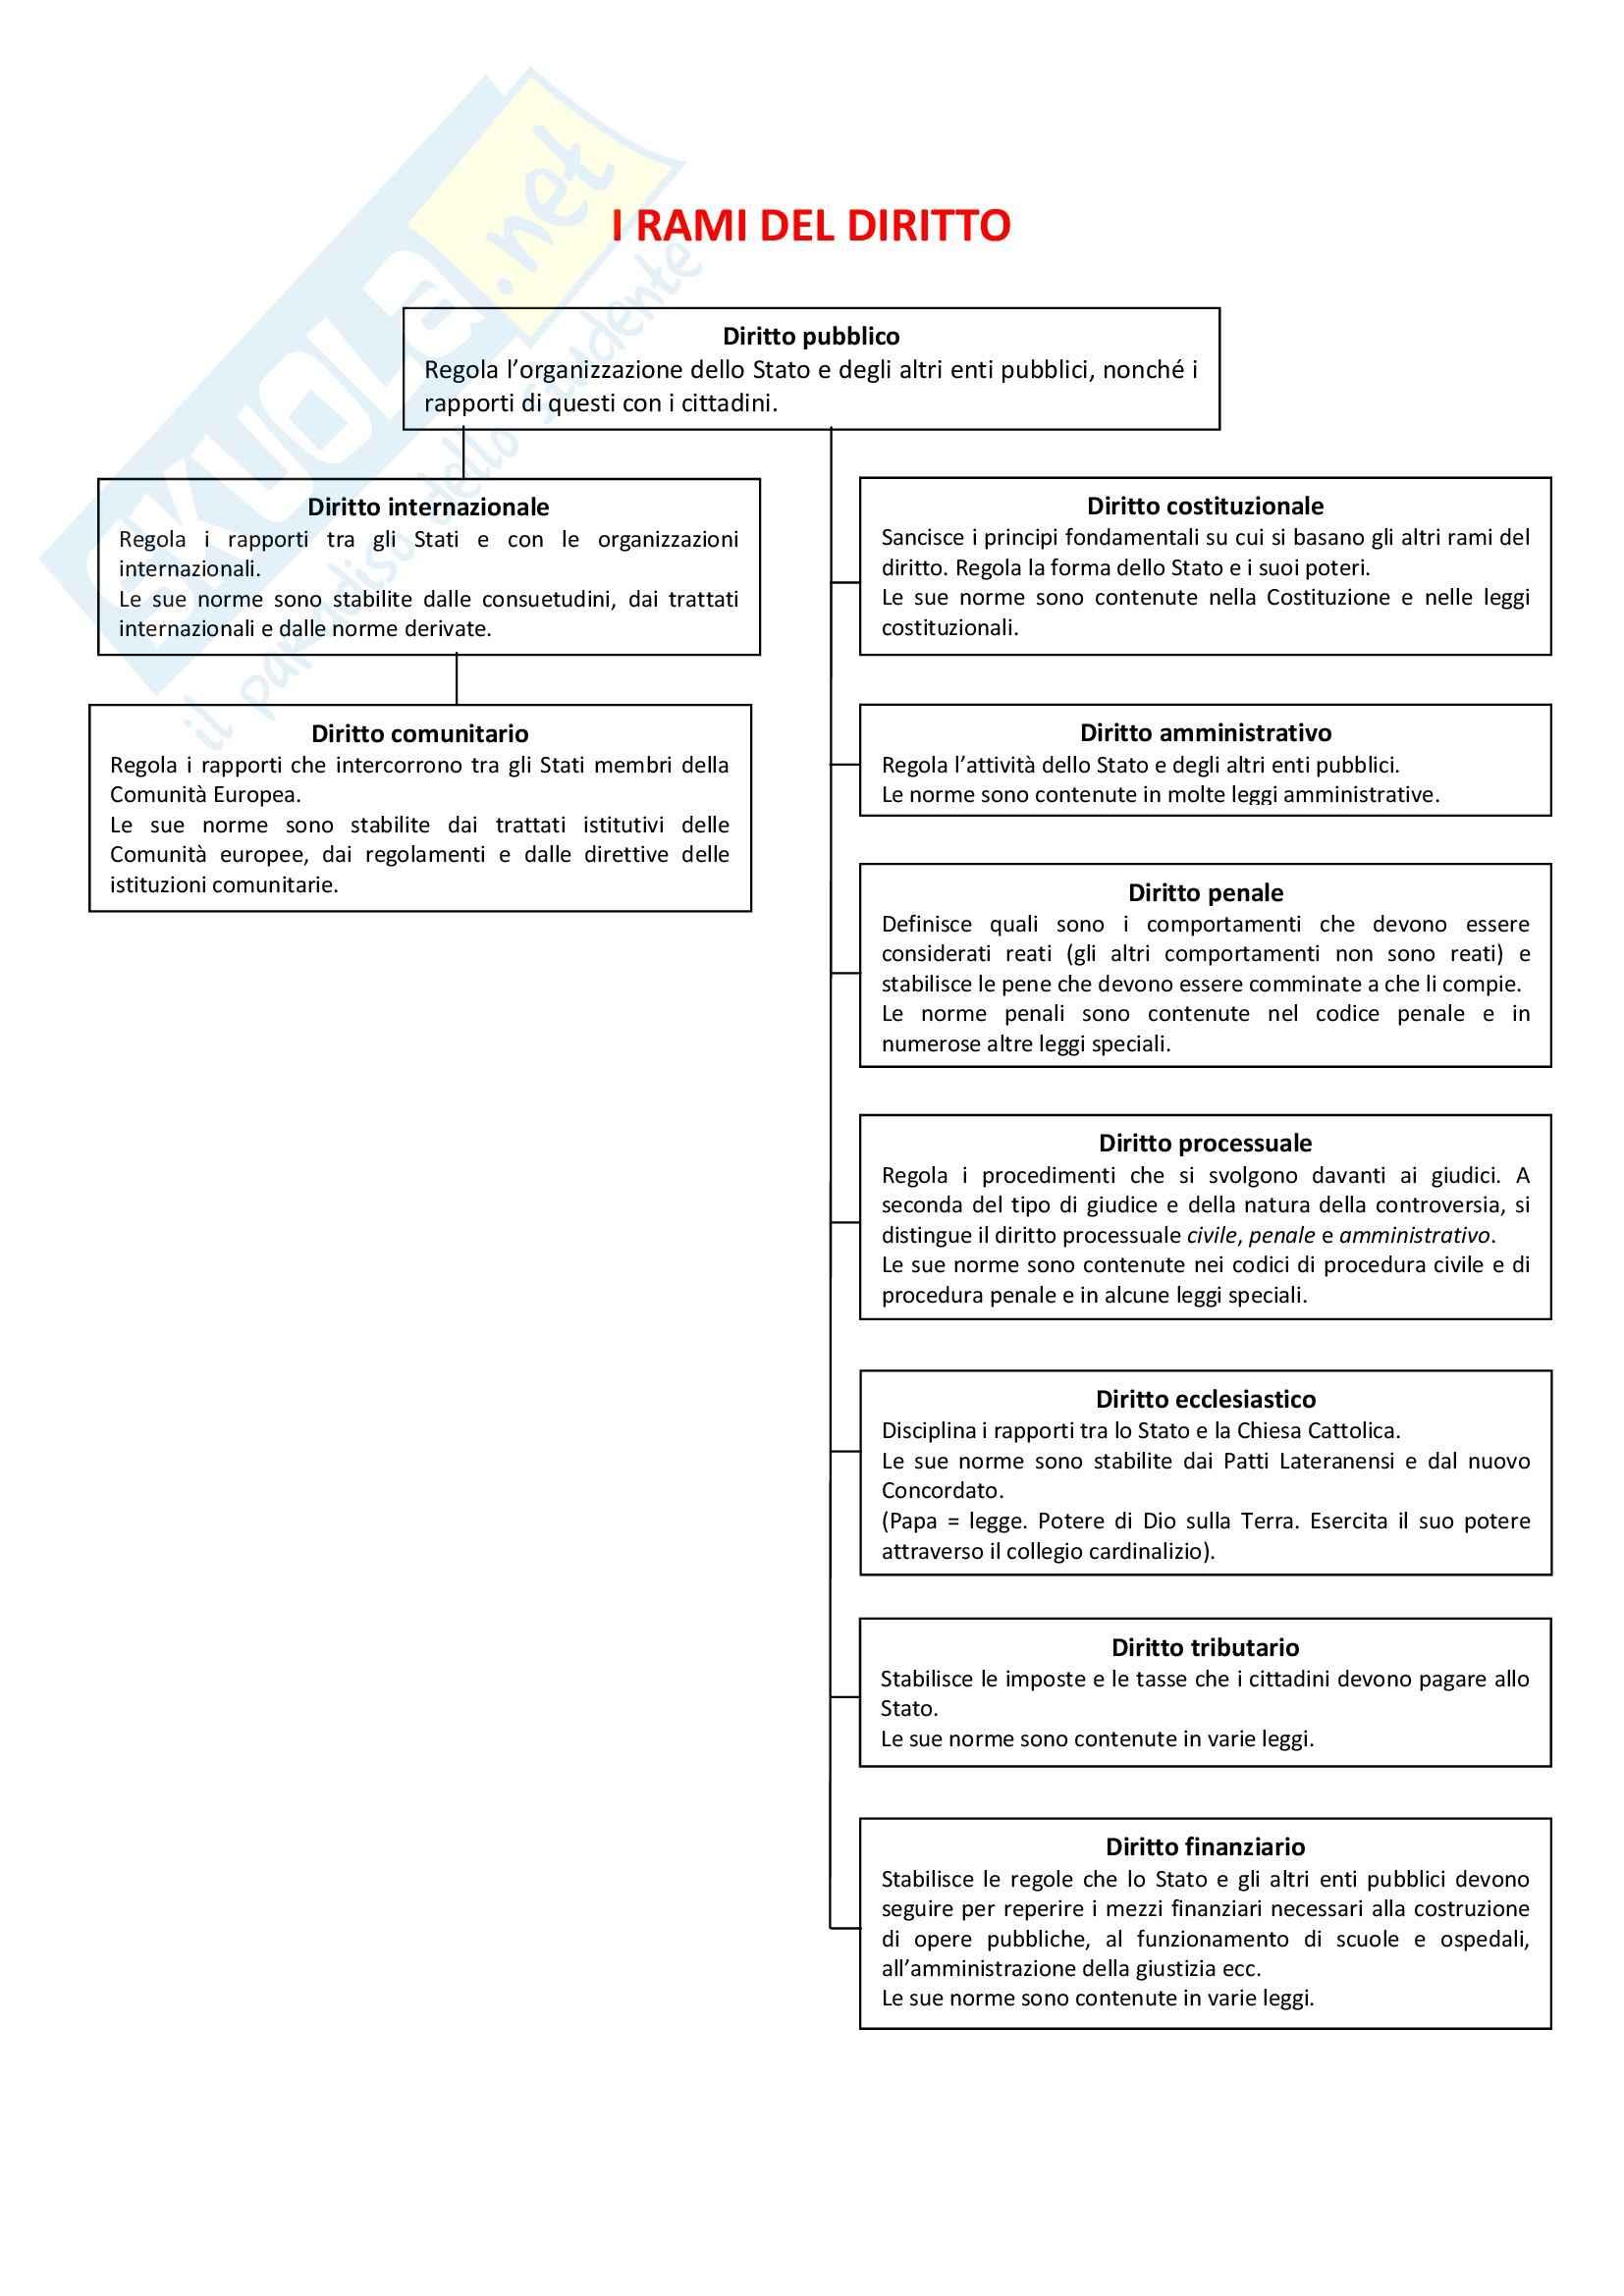 Appunti diritto pubblico